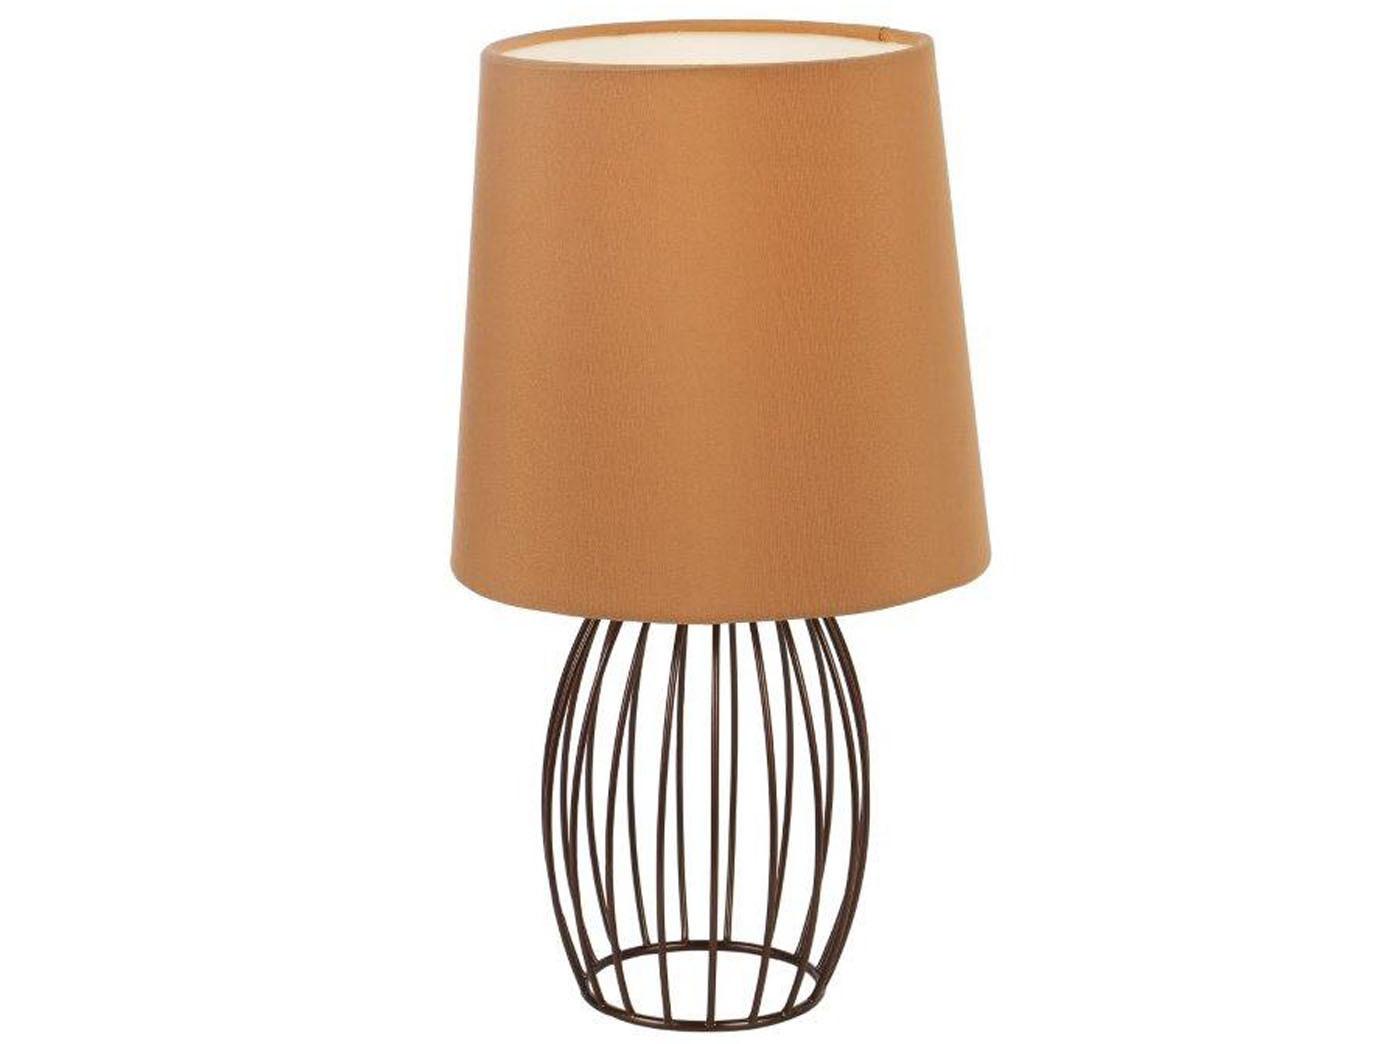 Full Size of Amazon Wohnzimmer Lampe Tischlampe Ebay Led Ikea Holz Modern Dimmbar Designer Tischlampen 5a6fb965af1f7 Hängeschrank Deckenleuchten Deckenleuchte Liege Wohnzimmer Wohnzimmer Tischlampe